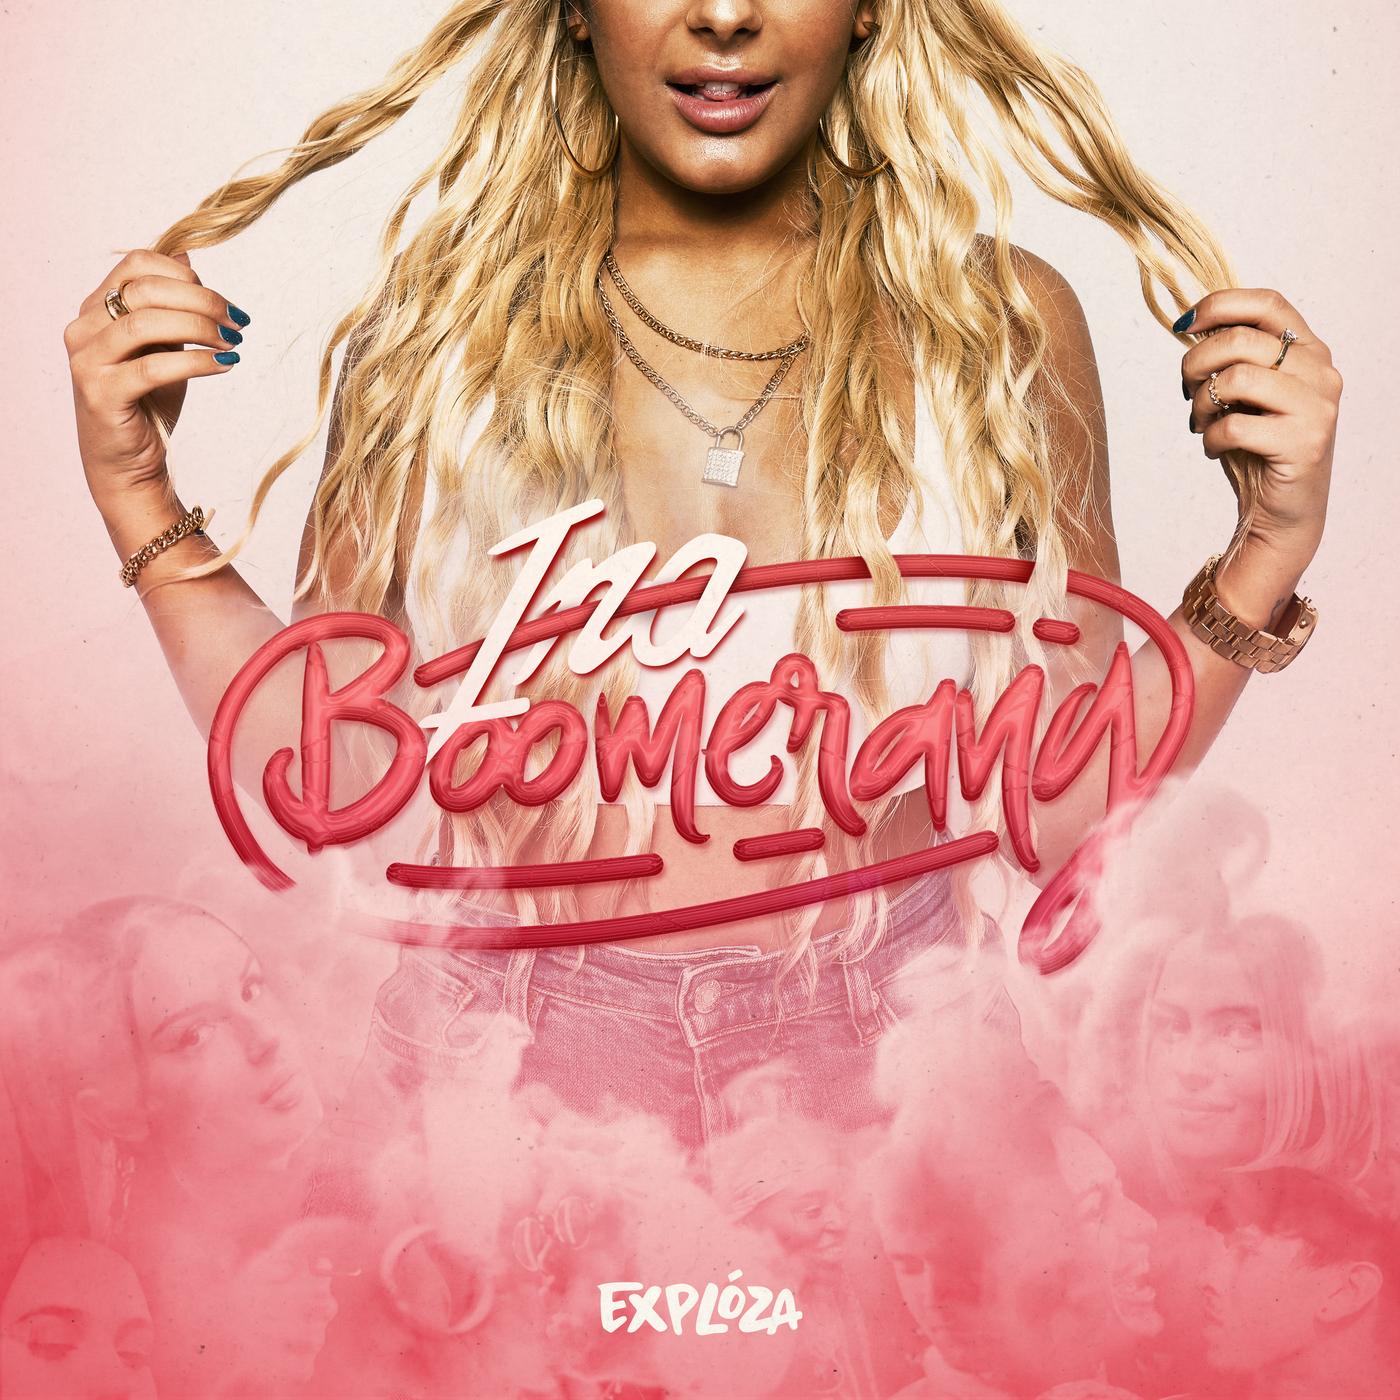 Boomerang - Ina